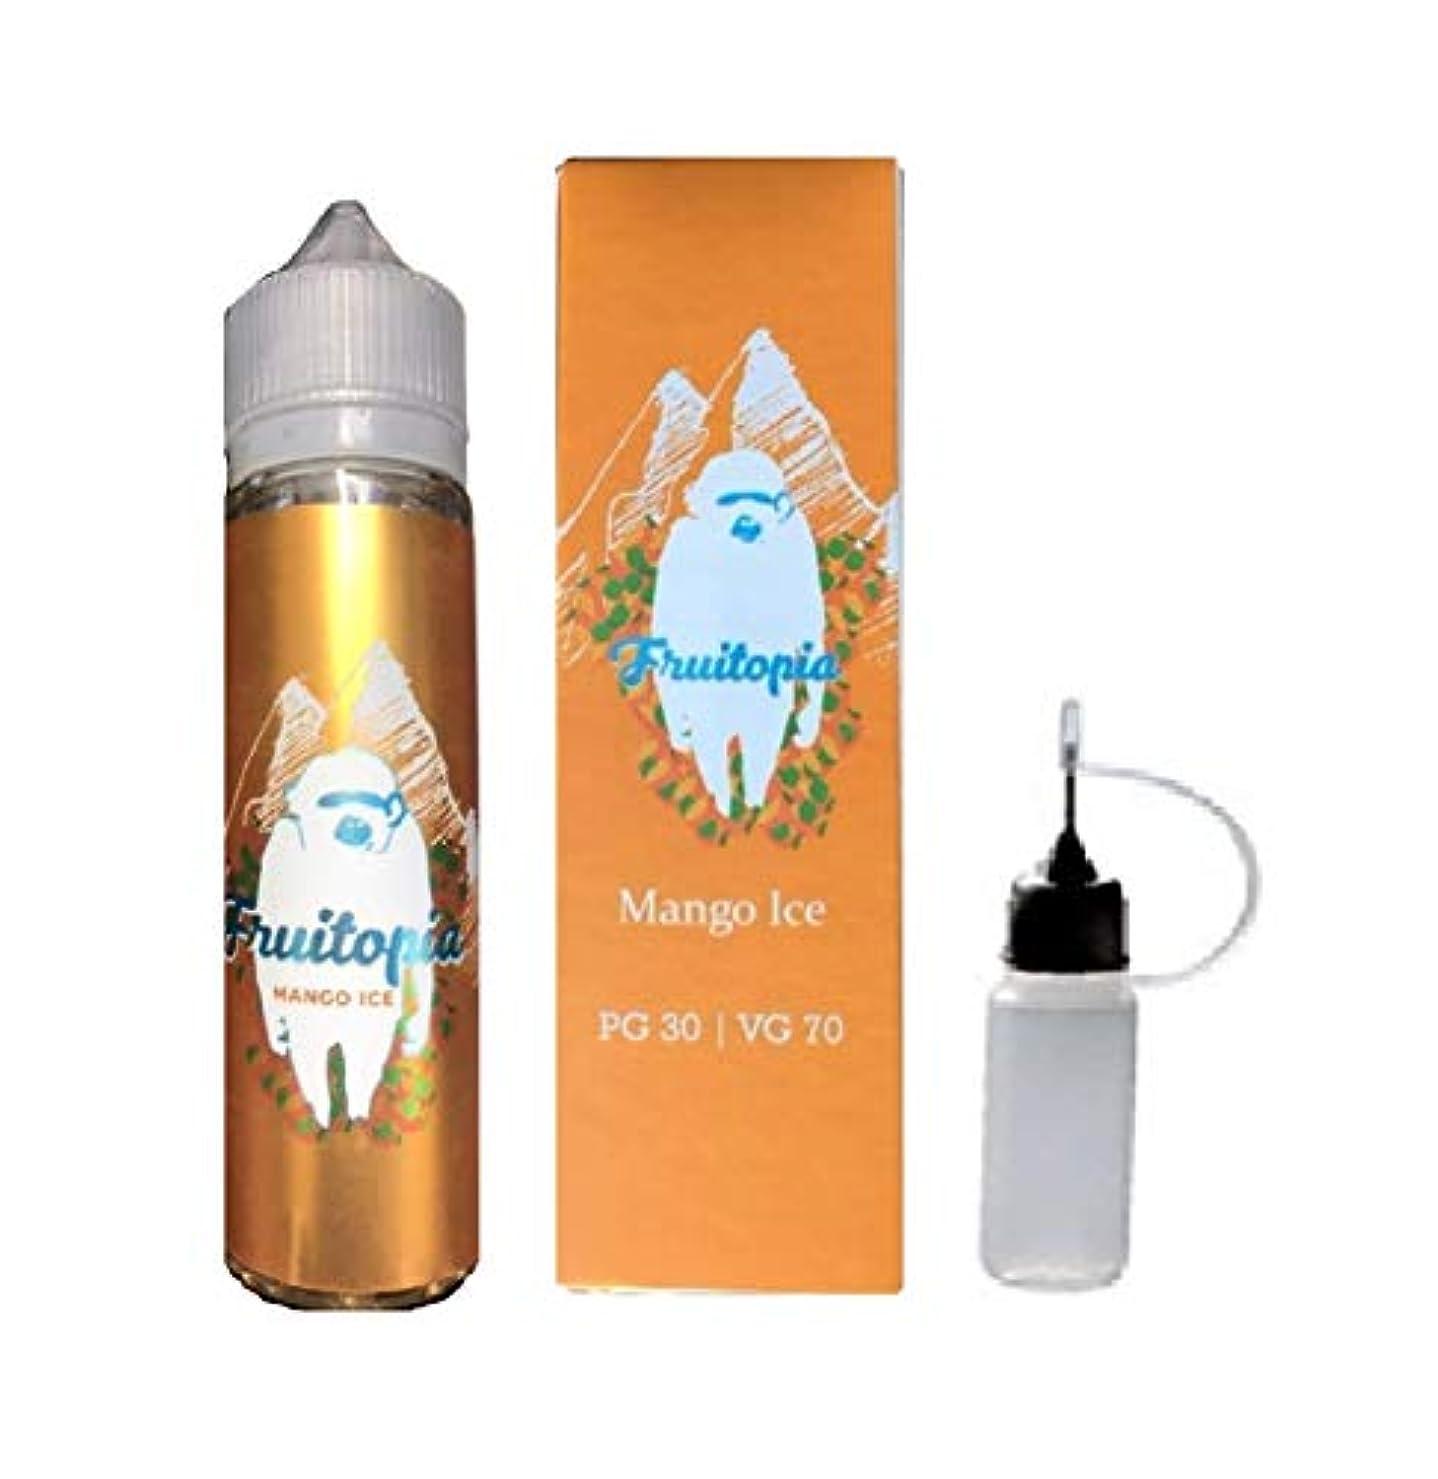 赤ちゃんブロックする拒否電子タバコ VAPE リキッド Rex Juice マンゴー 清涼剤入り 60ml インドネシア産 15ml ニードルボトル 2点セット